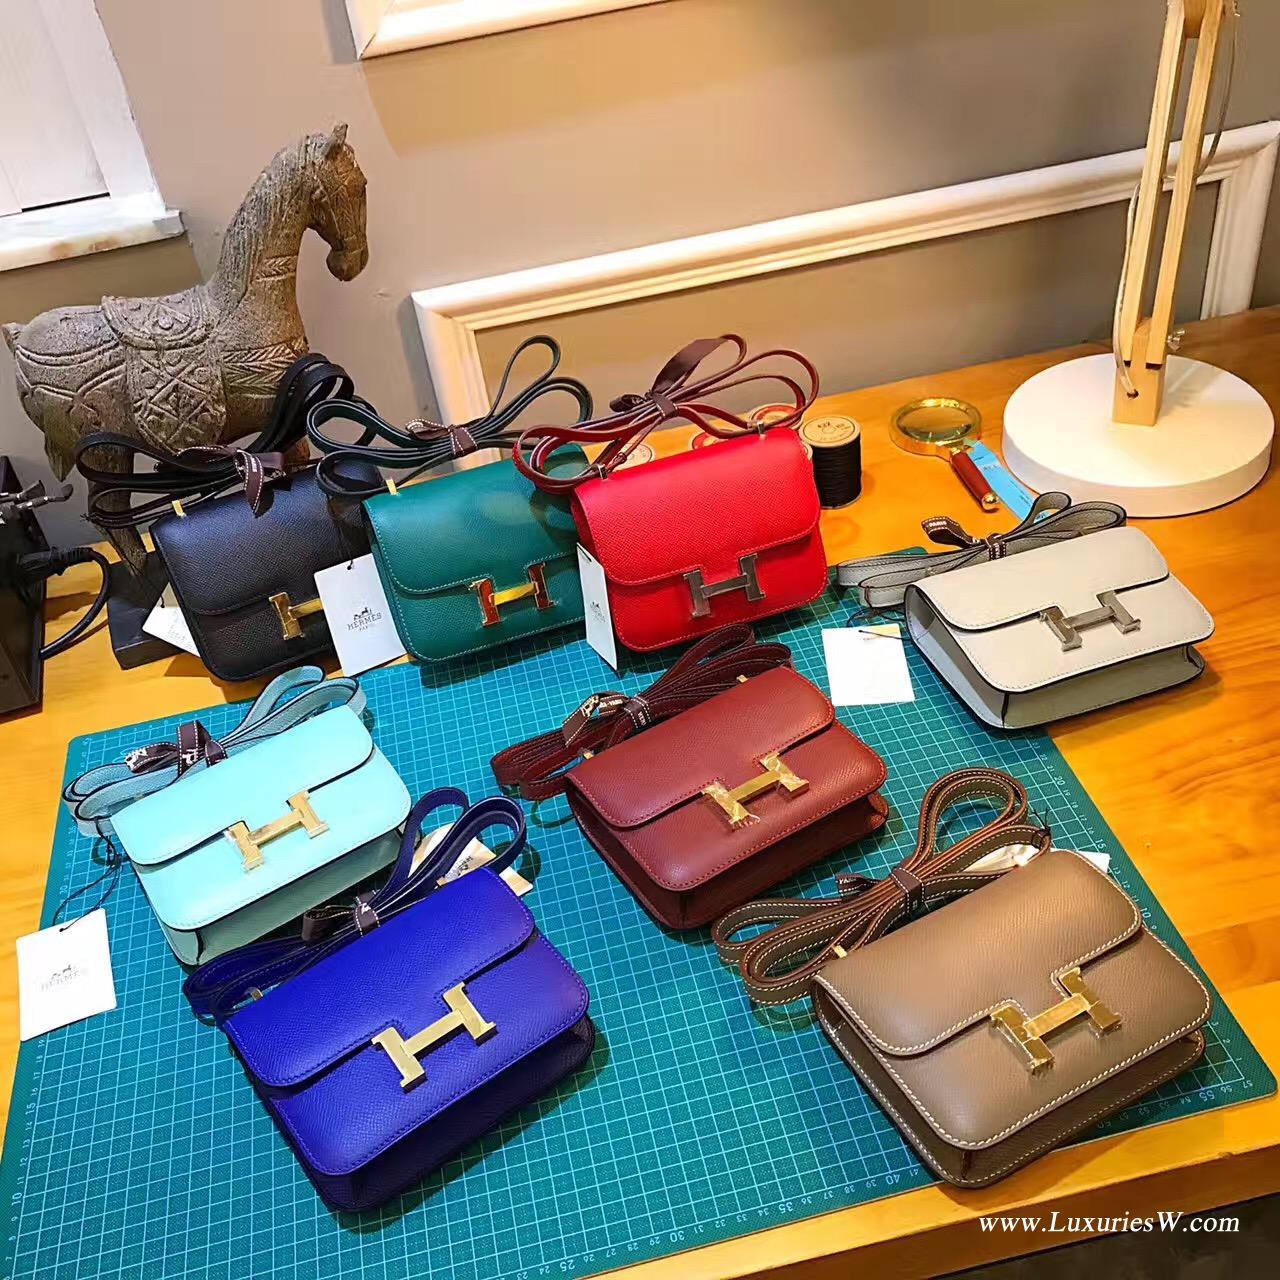 爱马仕最难买的包袋是康斯坦斯包Constance 尺寸价格大全